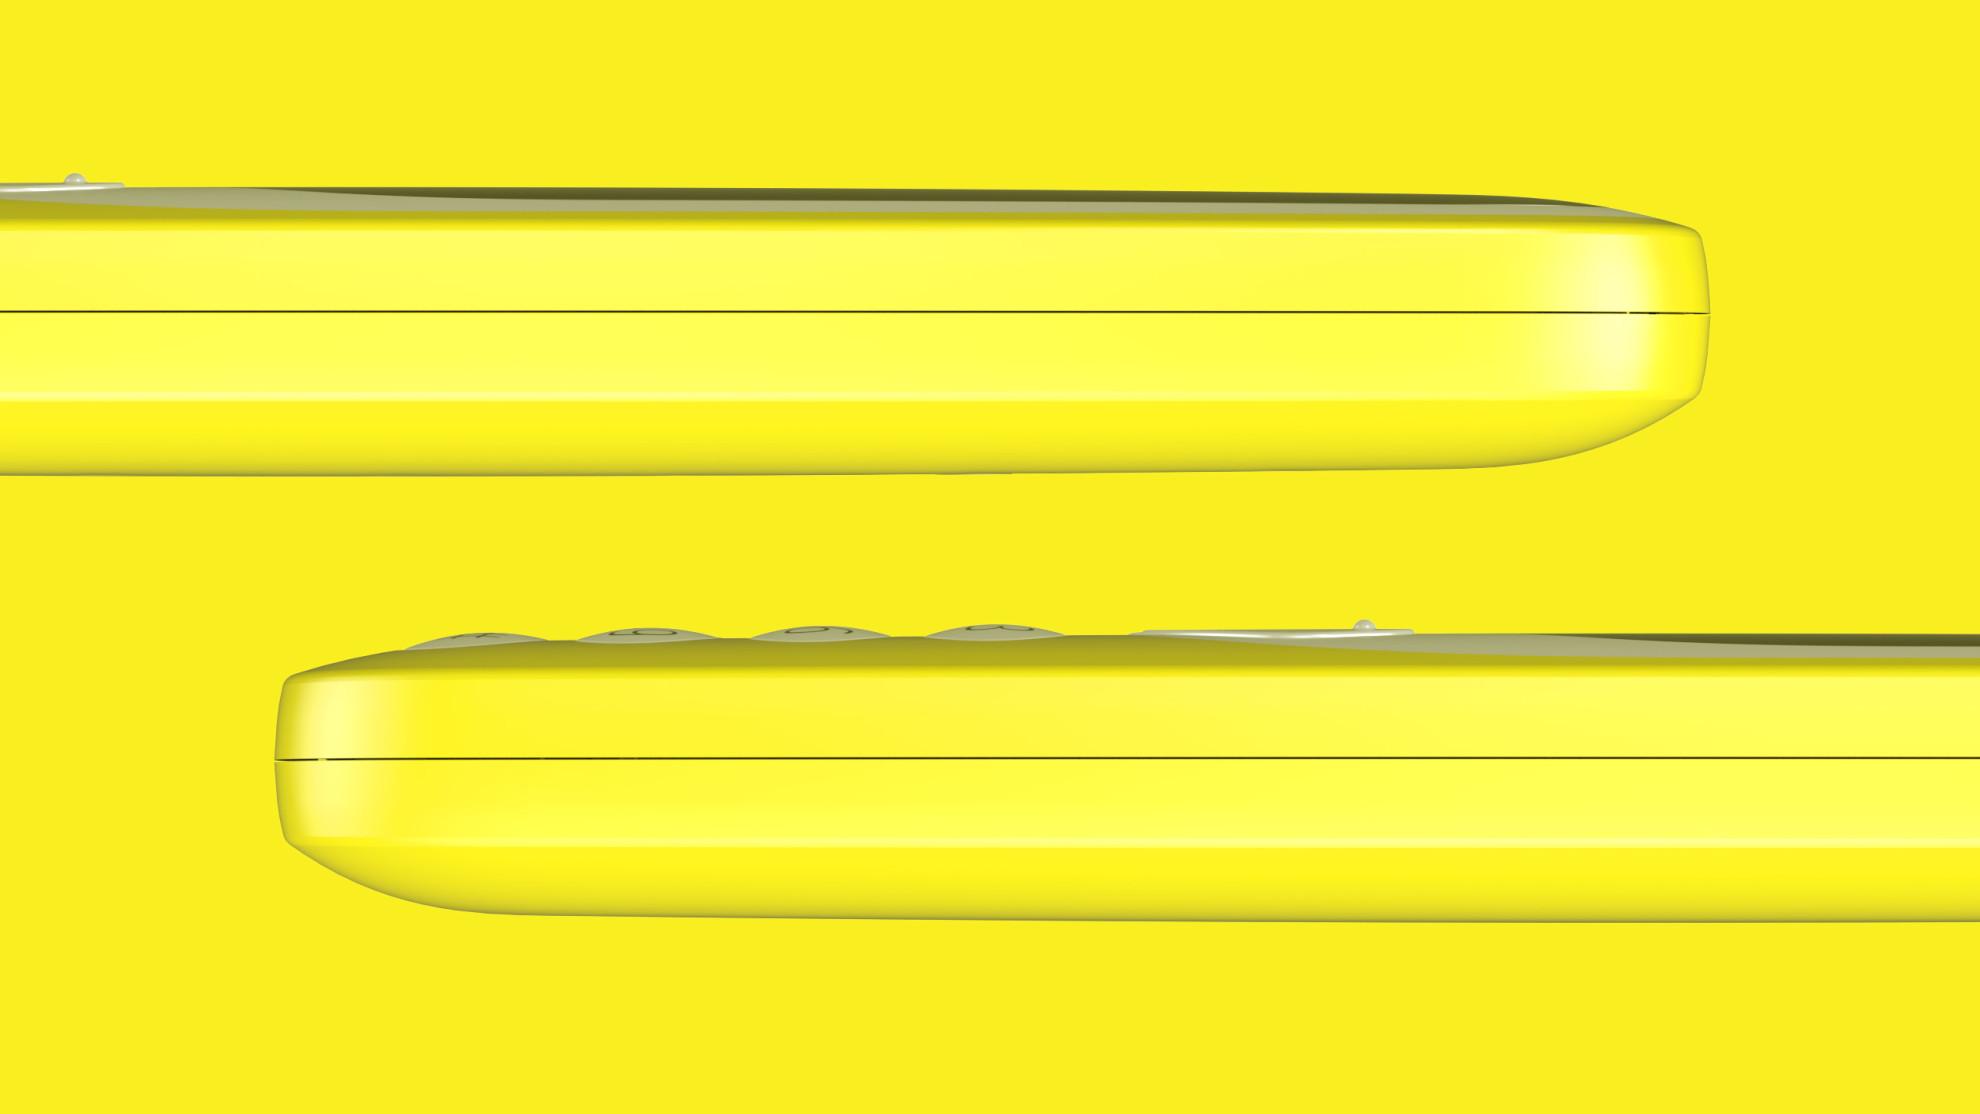 Nokia 3310 amarillo